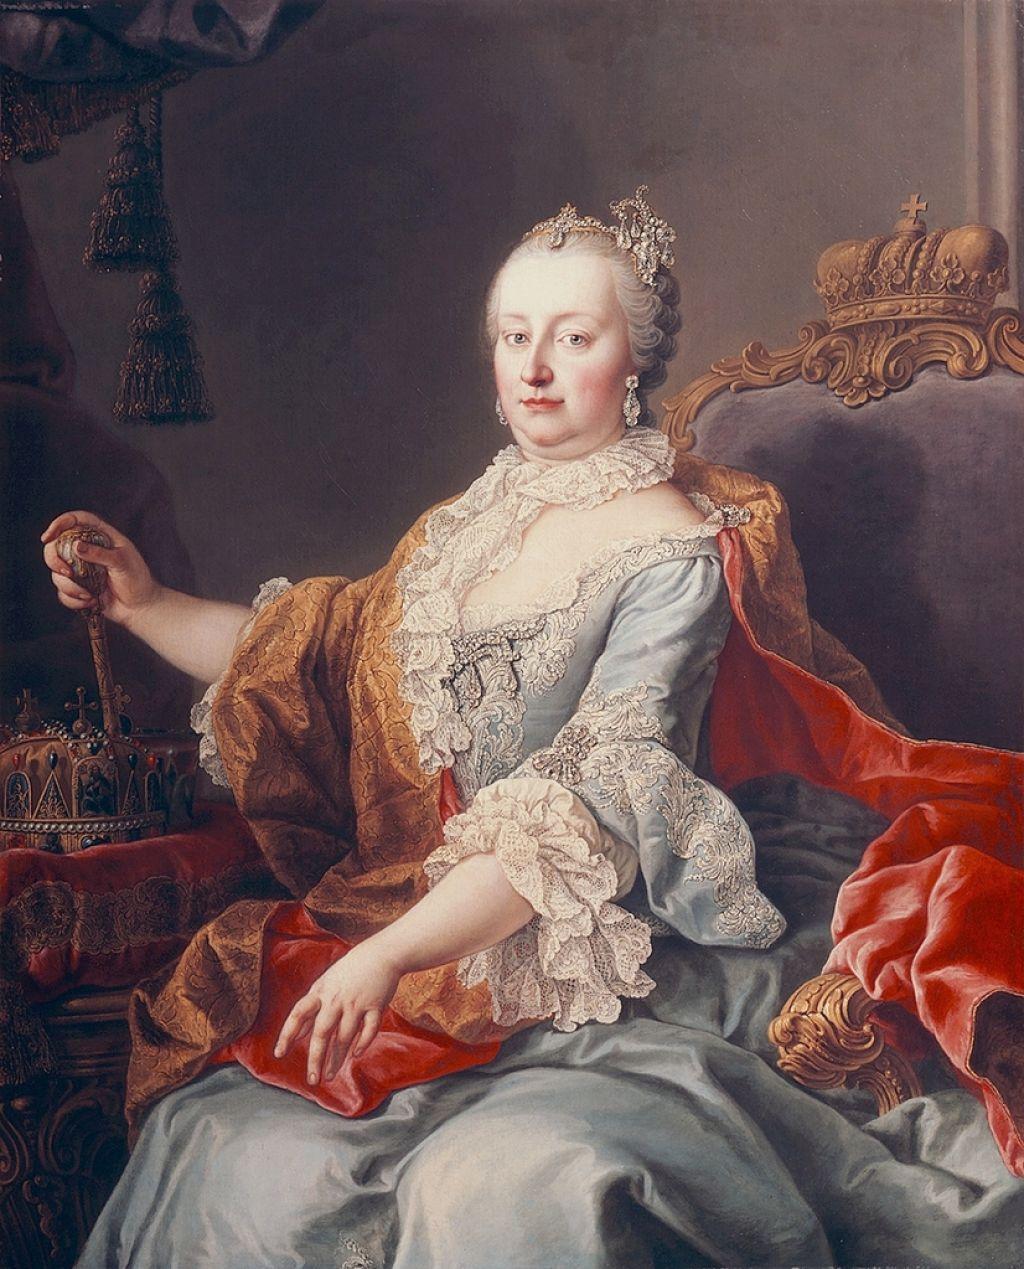 Nekdanja prva dama Evrope letos »praznuje« 300 let